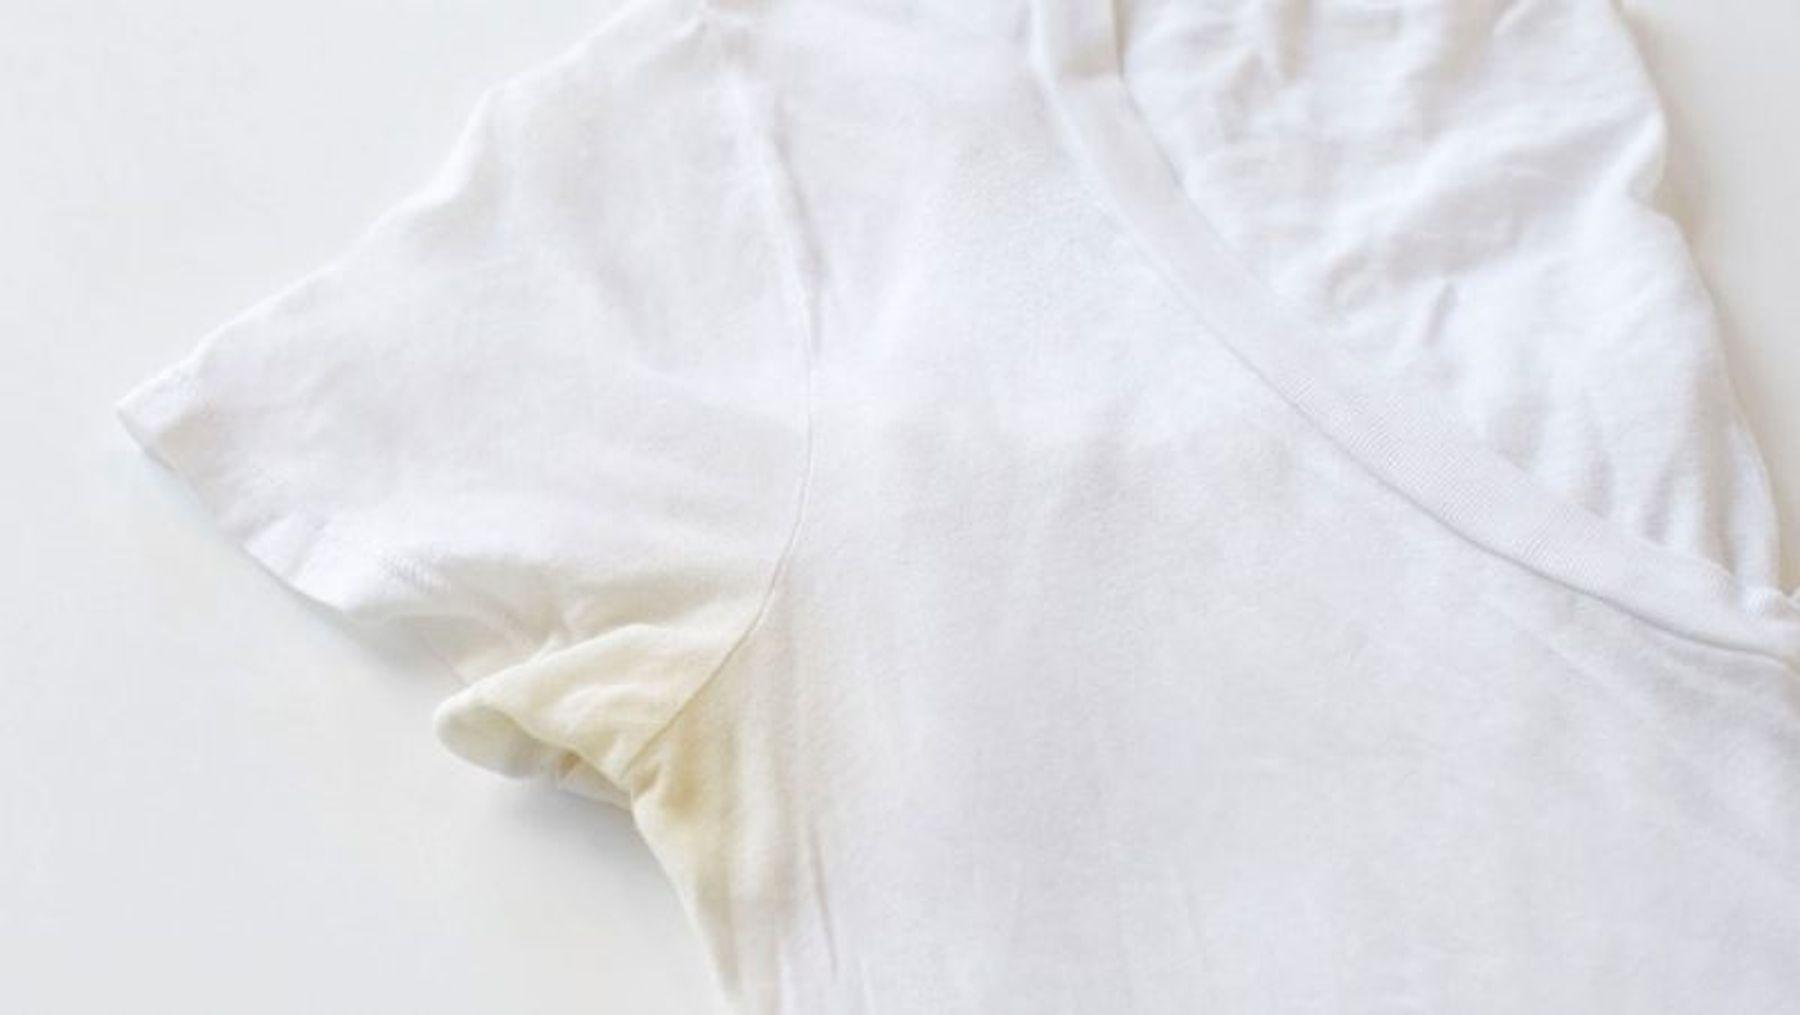 Step 8: Cách tẩy vết ố vàng trên áo màu trắng do mồ hôi lâu ngày